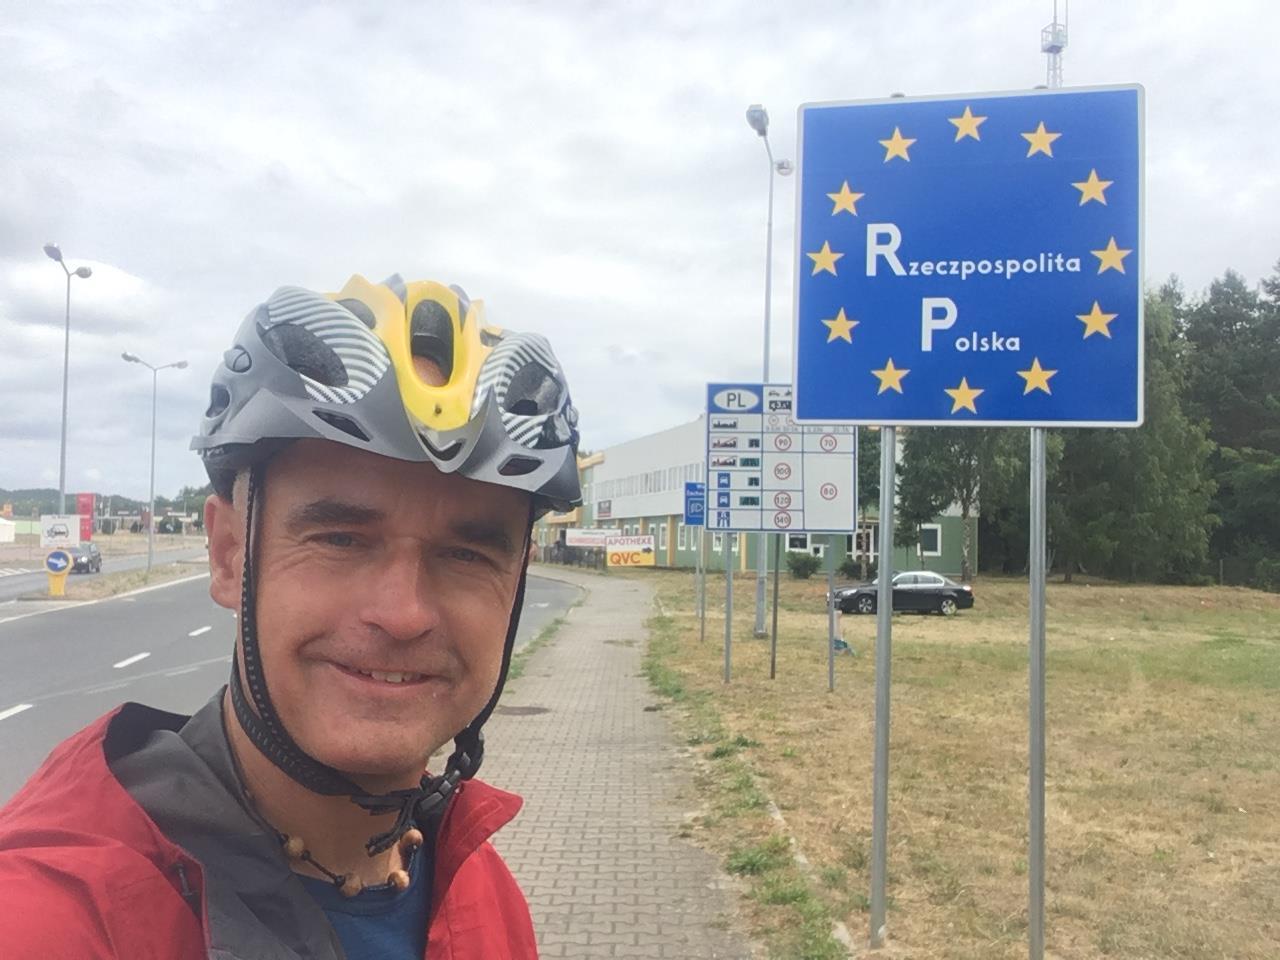 温哥华神人骑自行车环游欧洲26国,破世界纪录!骑行动机感人肺腑……